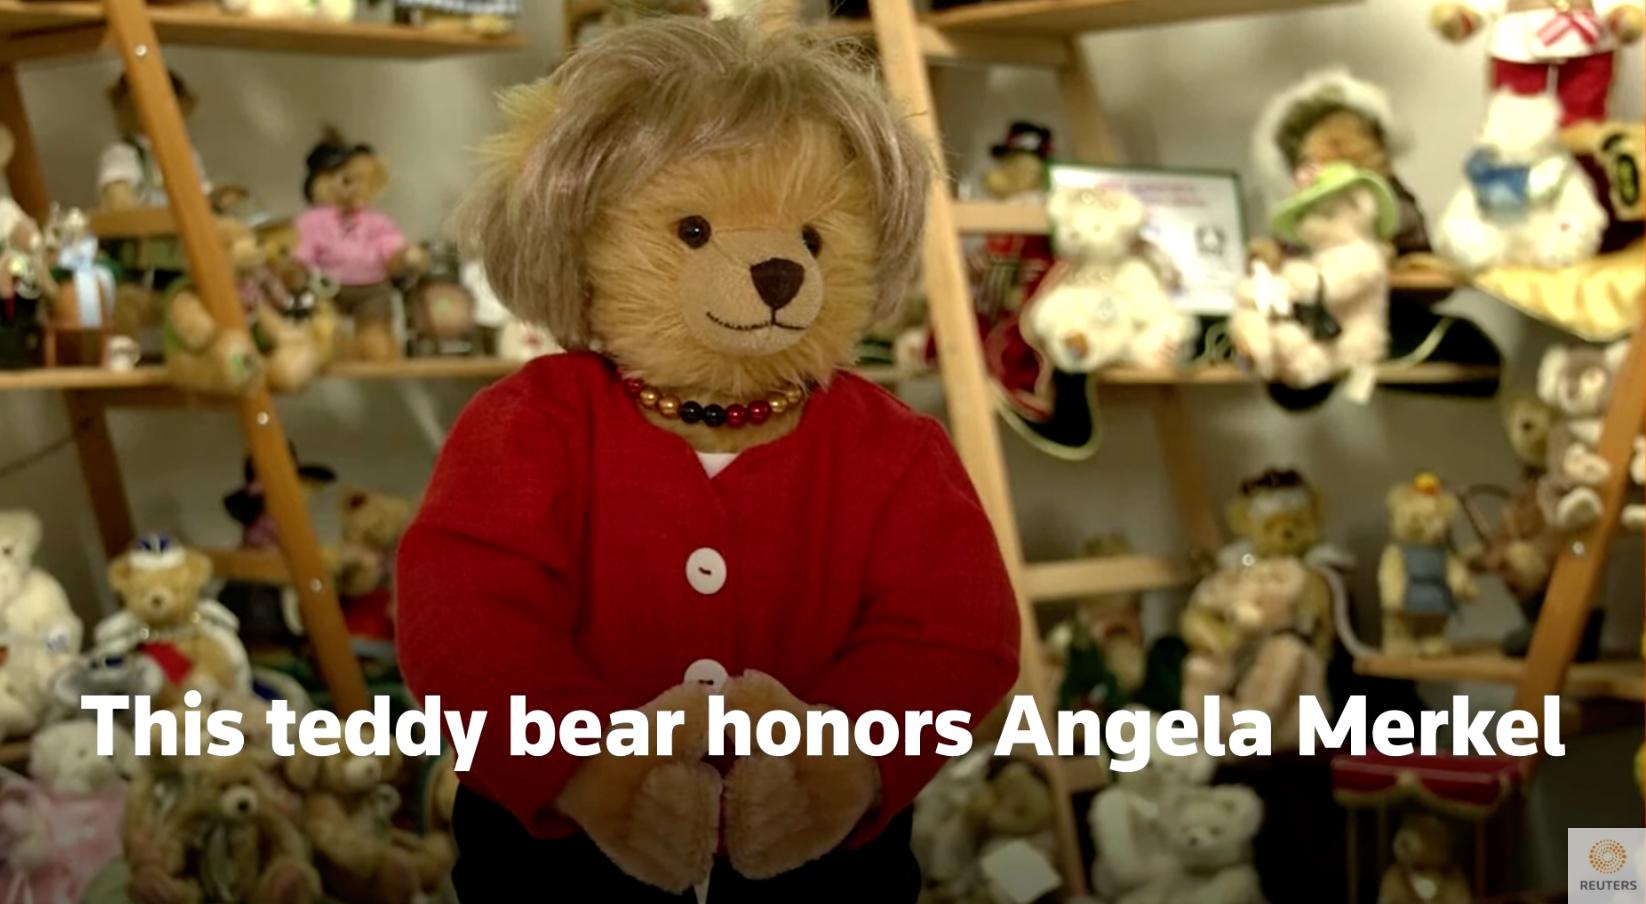 Η Άνγκελα Μέρκελ έγινε (και) λούτρινο αρκουδάκι